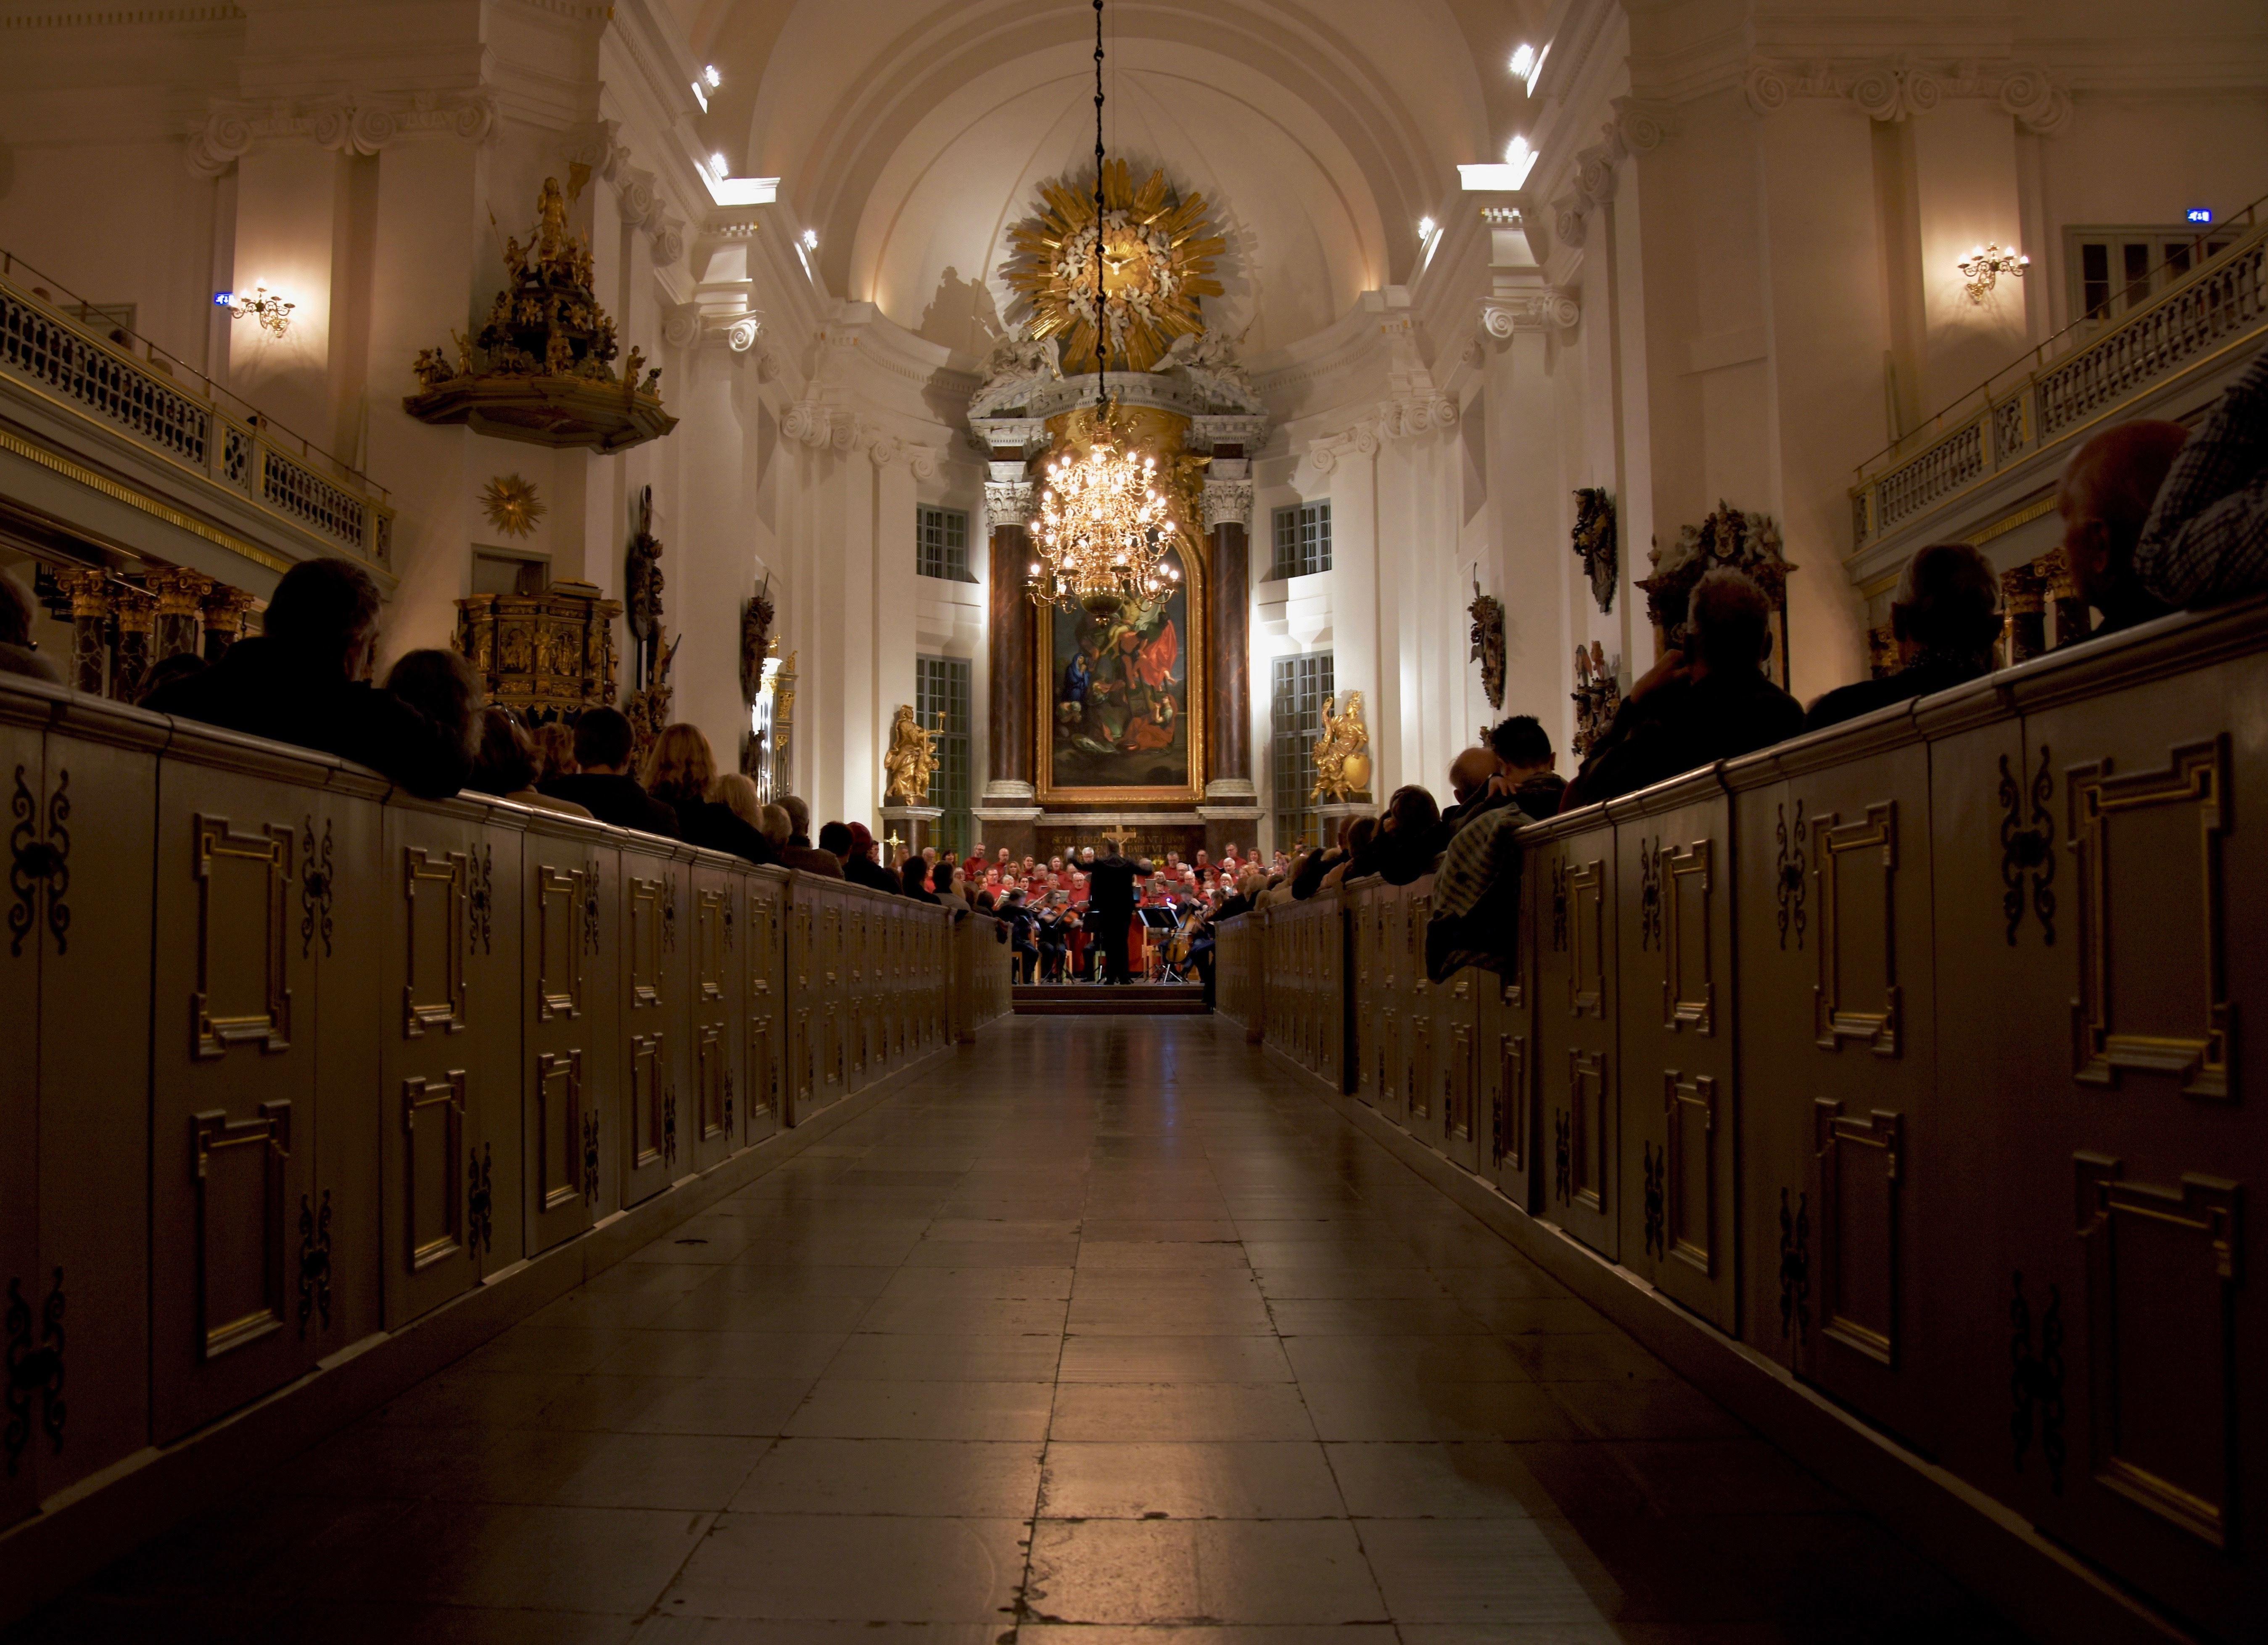 Barock, lutherdom och hustavla - domkyrkan berättar